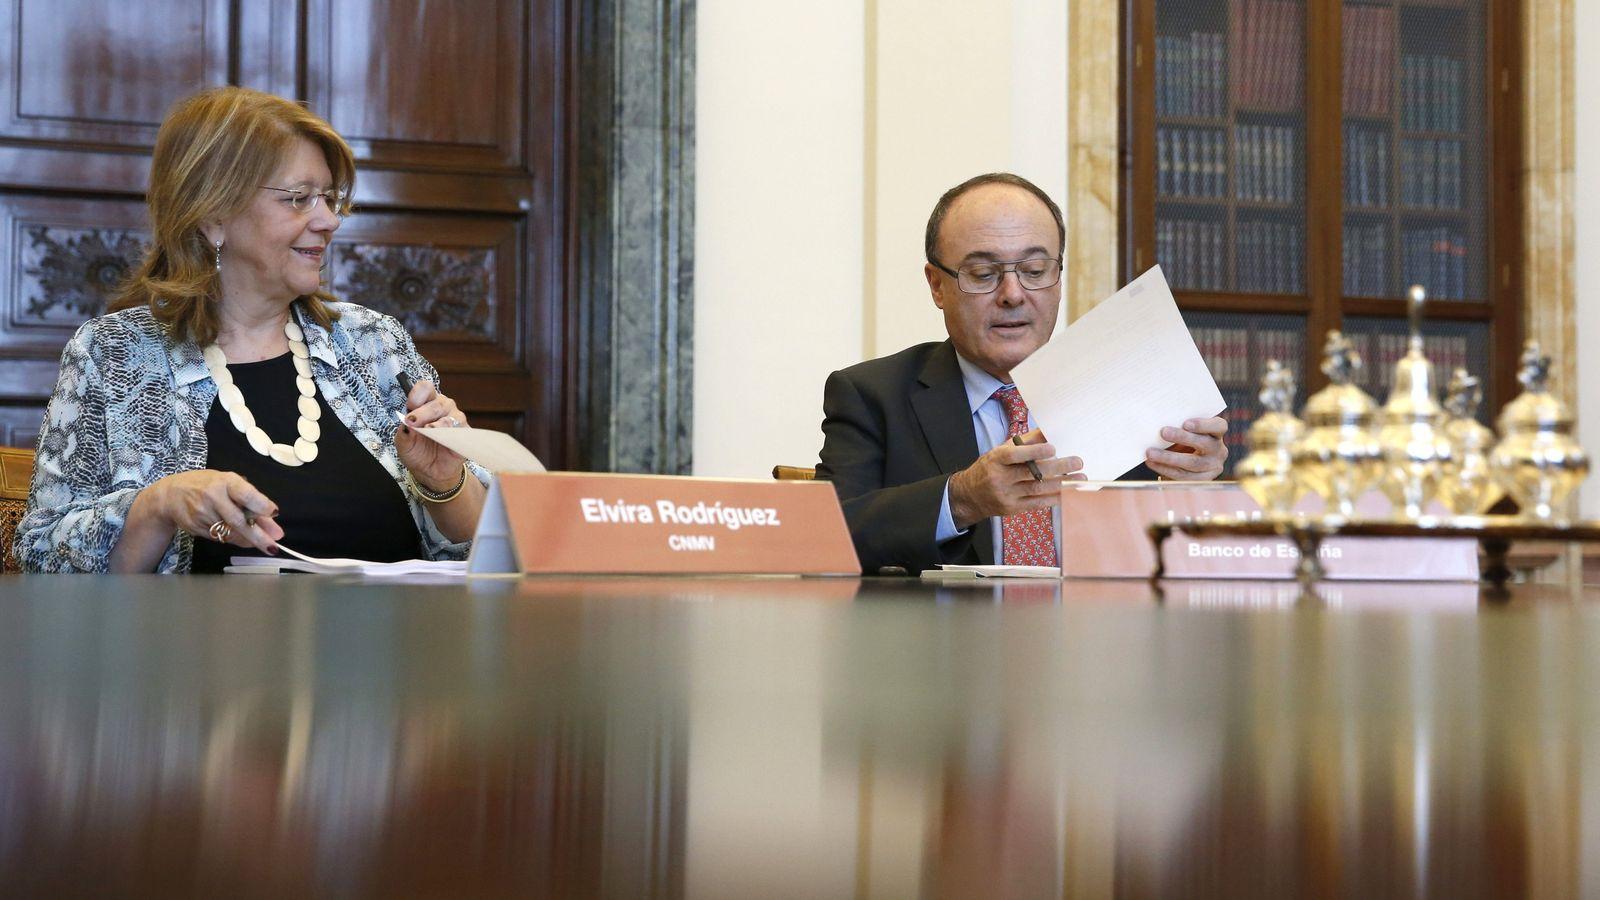 Foto: La presidenta de la CNMV, Elvira Rodríguez (i), y el gobernador del BdE, Luis María Linde. (EFE)